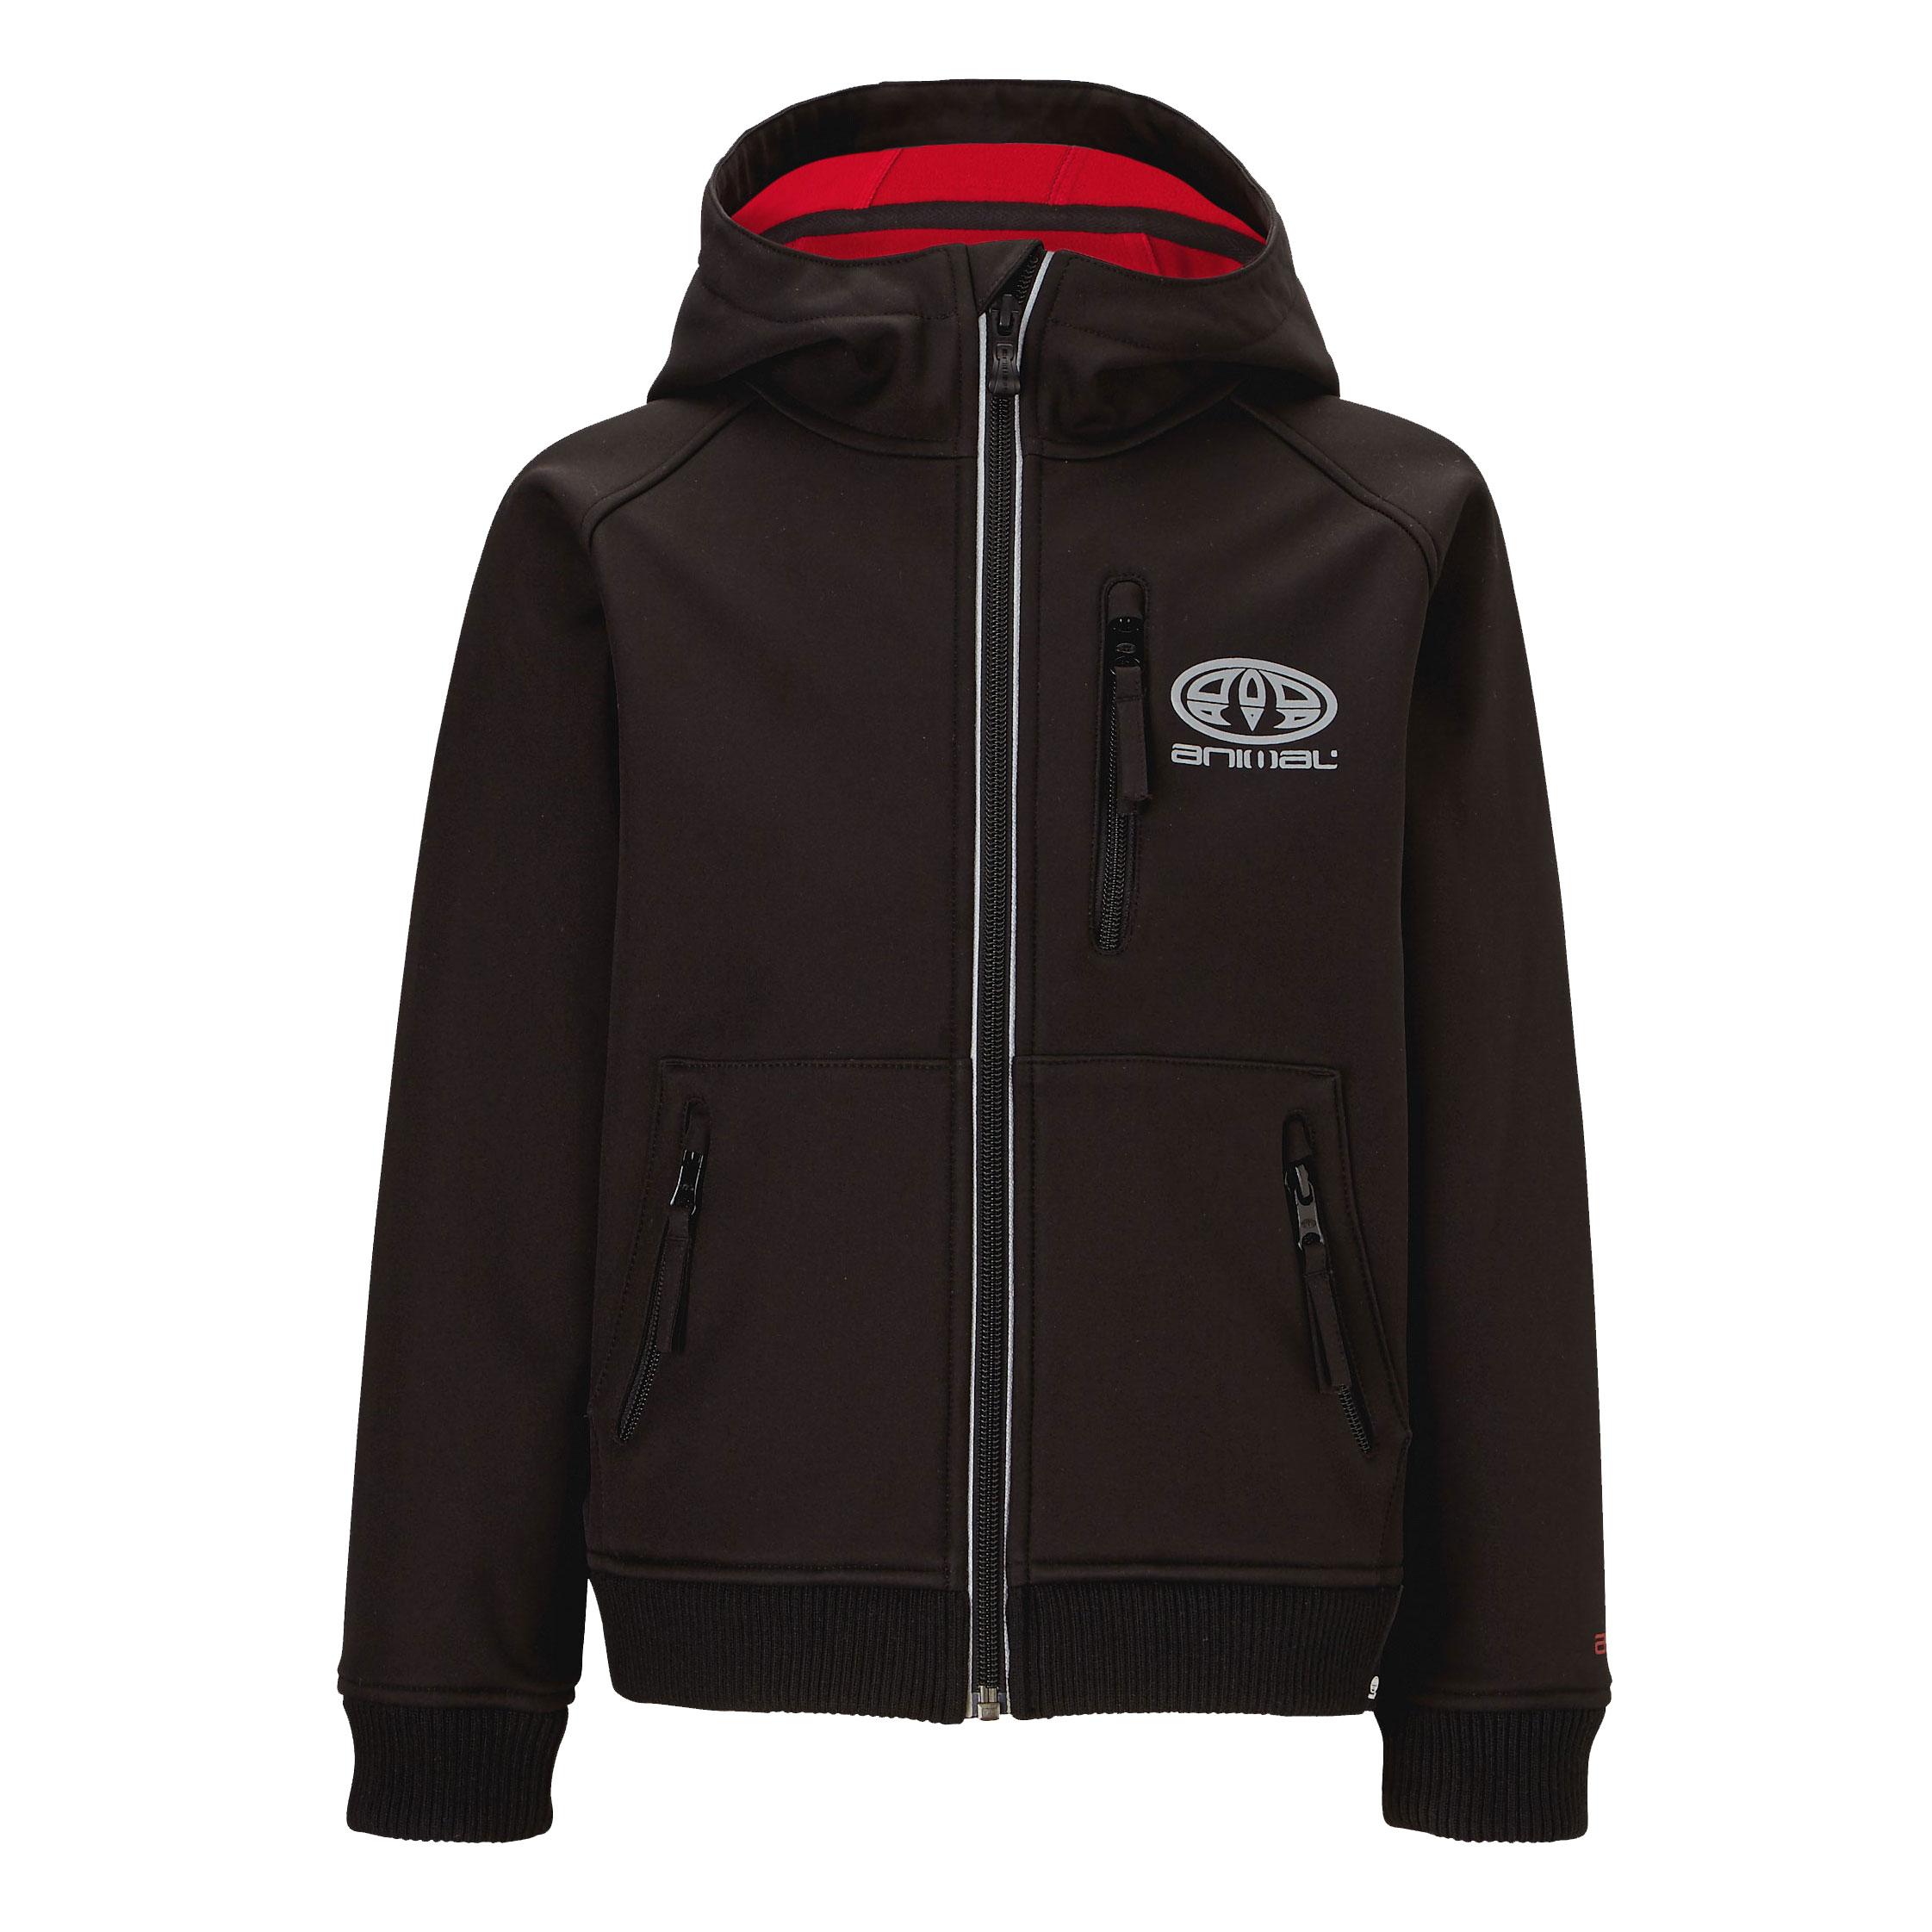 Animal Boys Bonded Fleece Tech Jacket